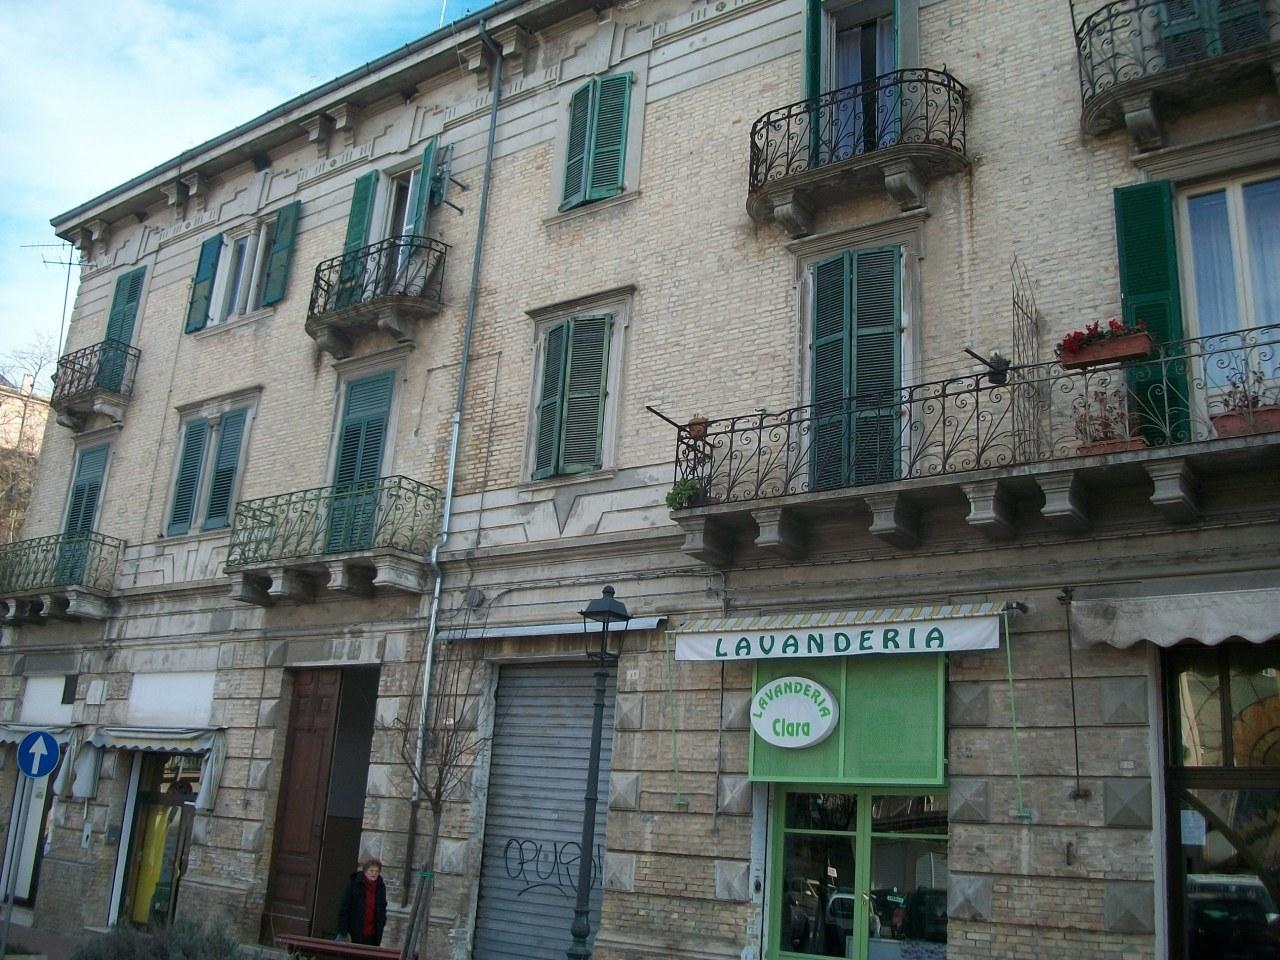 Appartamento in vendita a Lanciano, 4 locali, prezzo € 89.000 | PortaleAgenzieImmobiliari.it